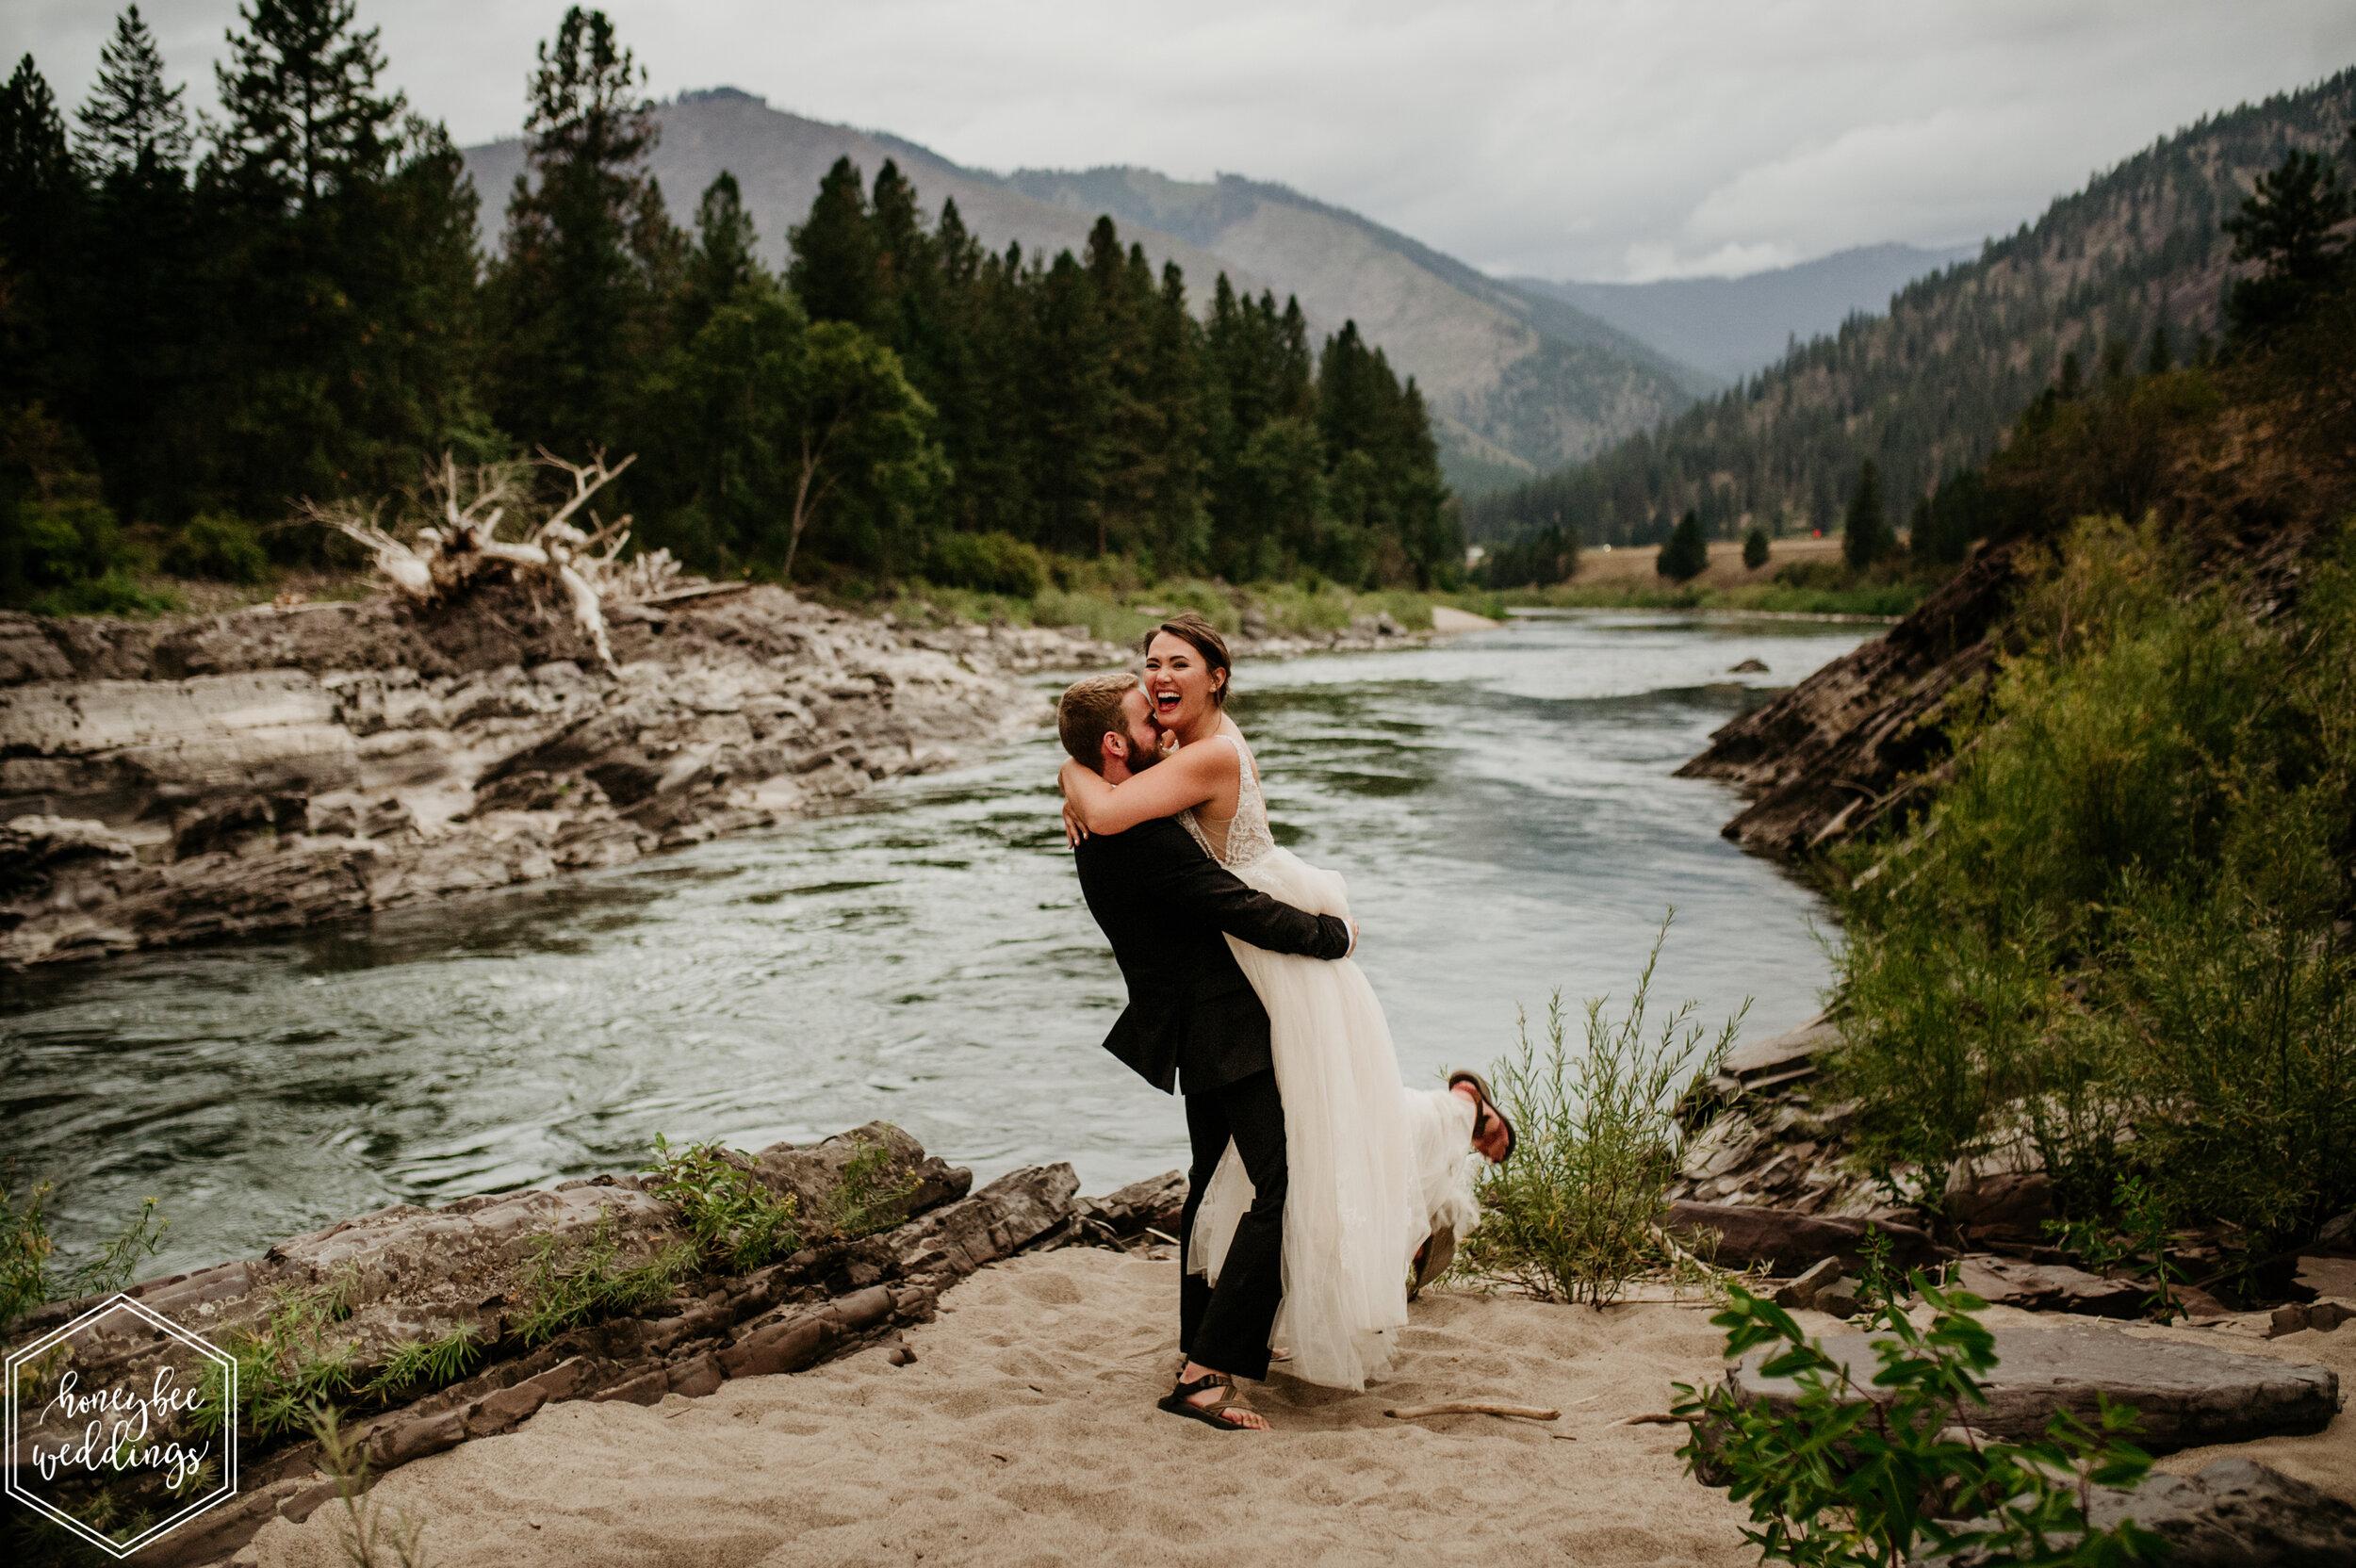 127White Raven Wedding_Montana Wedding Photographer_Corey & Corey_Honeybee Weddings_September 06, 2019-1867.jpg